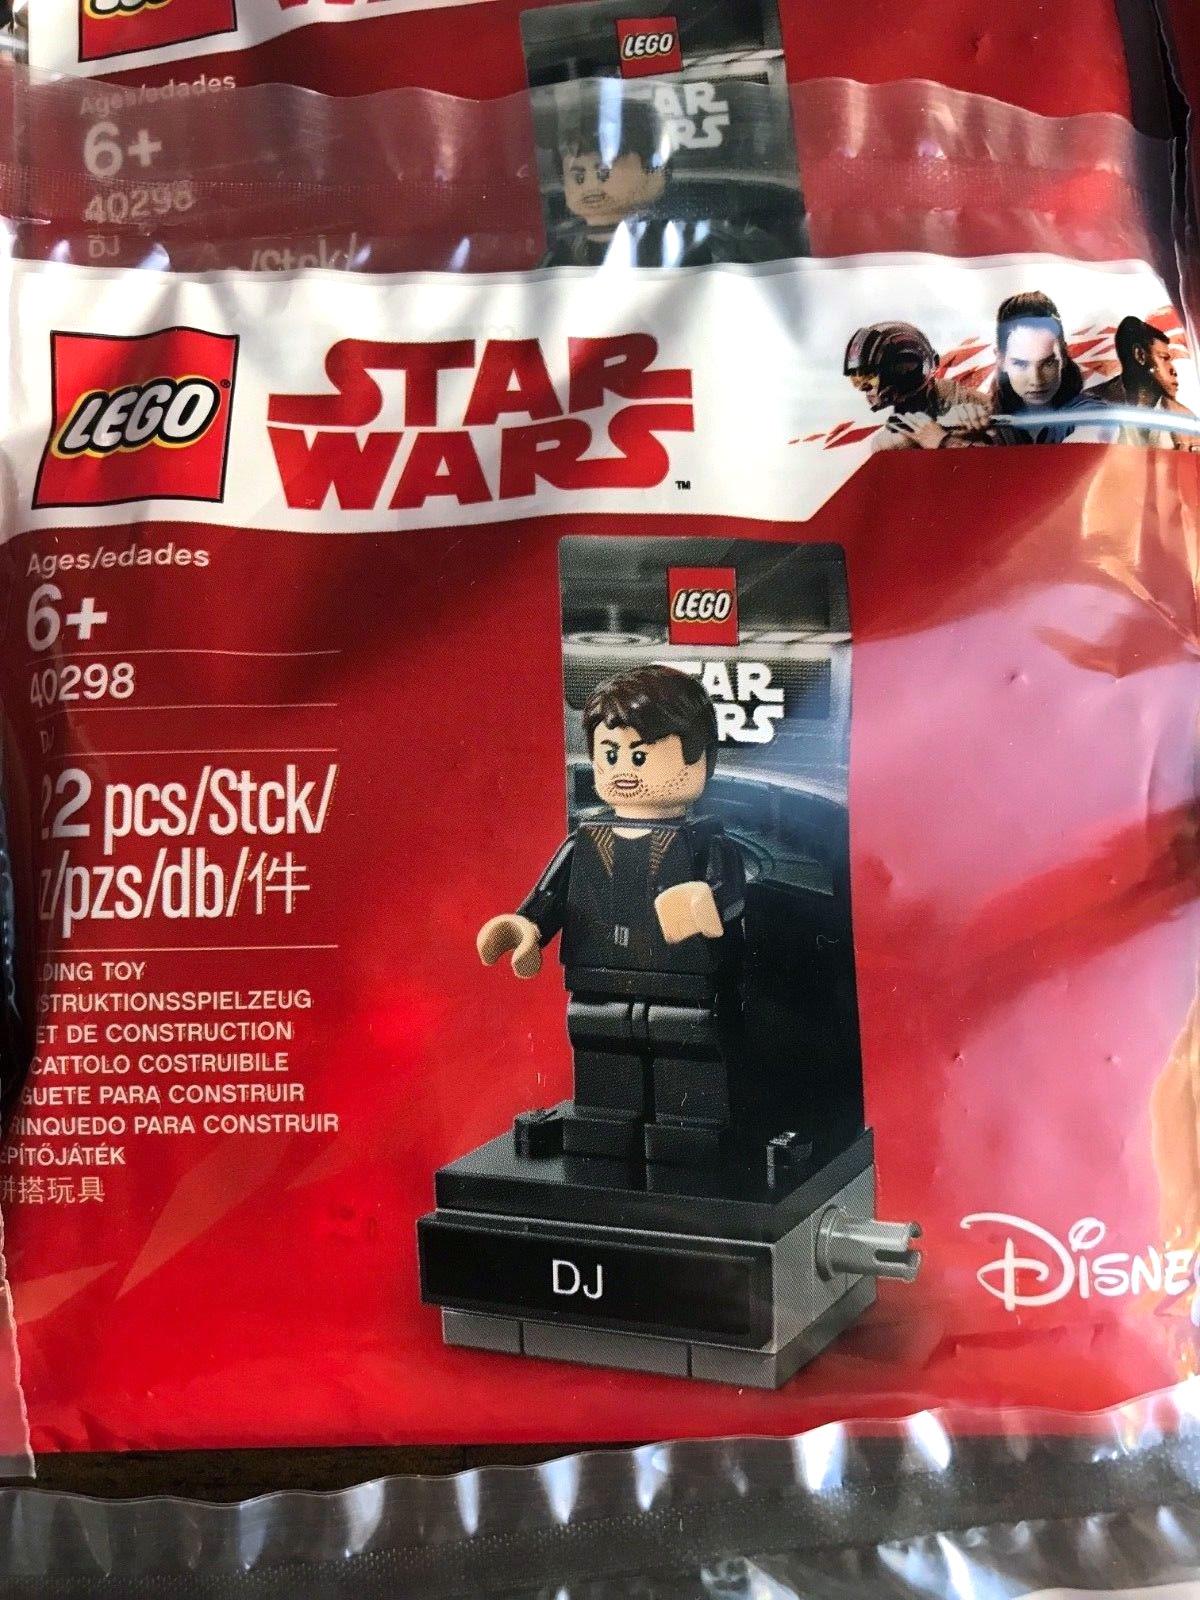 The Last Jedi DJ Minifigure Lego Star Wars